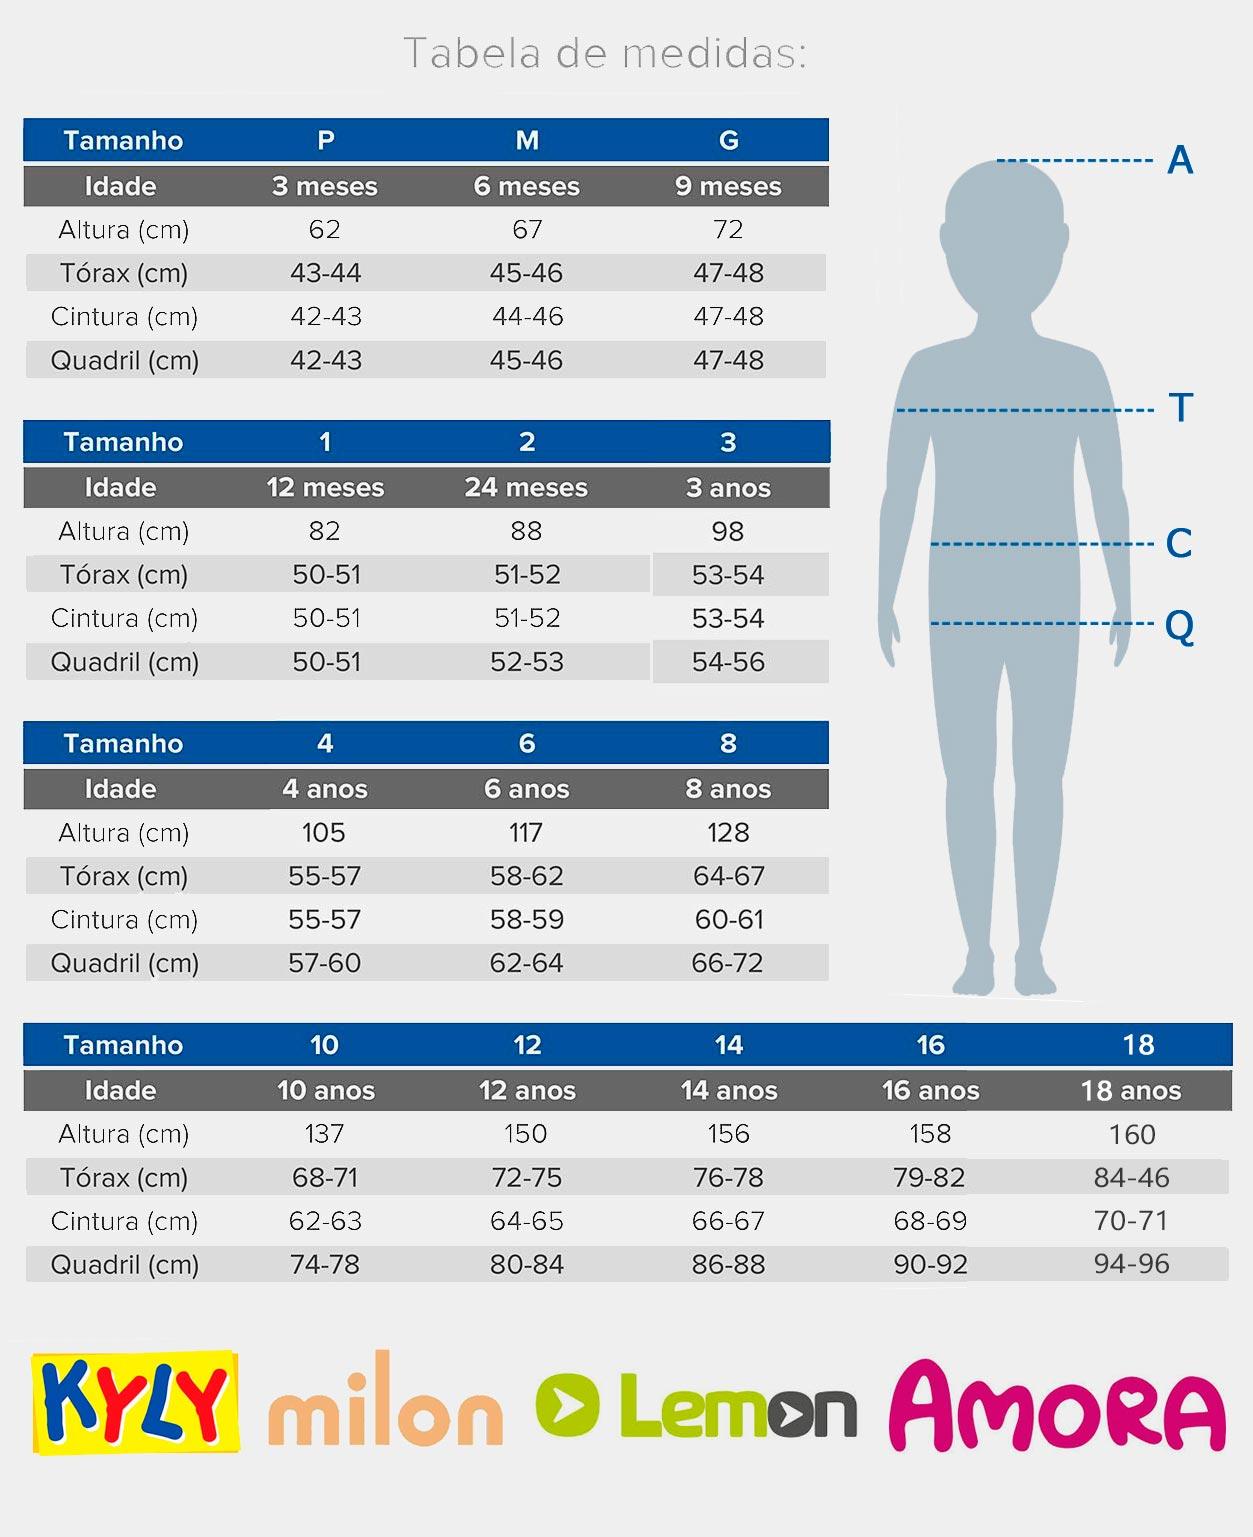 Conjunto Infantil Masculino Verão Marinho Forest - Kyly: Tabela de medidas